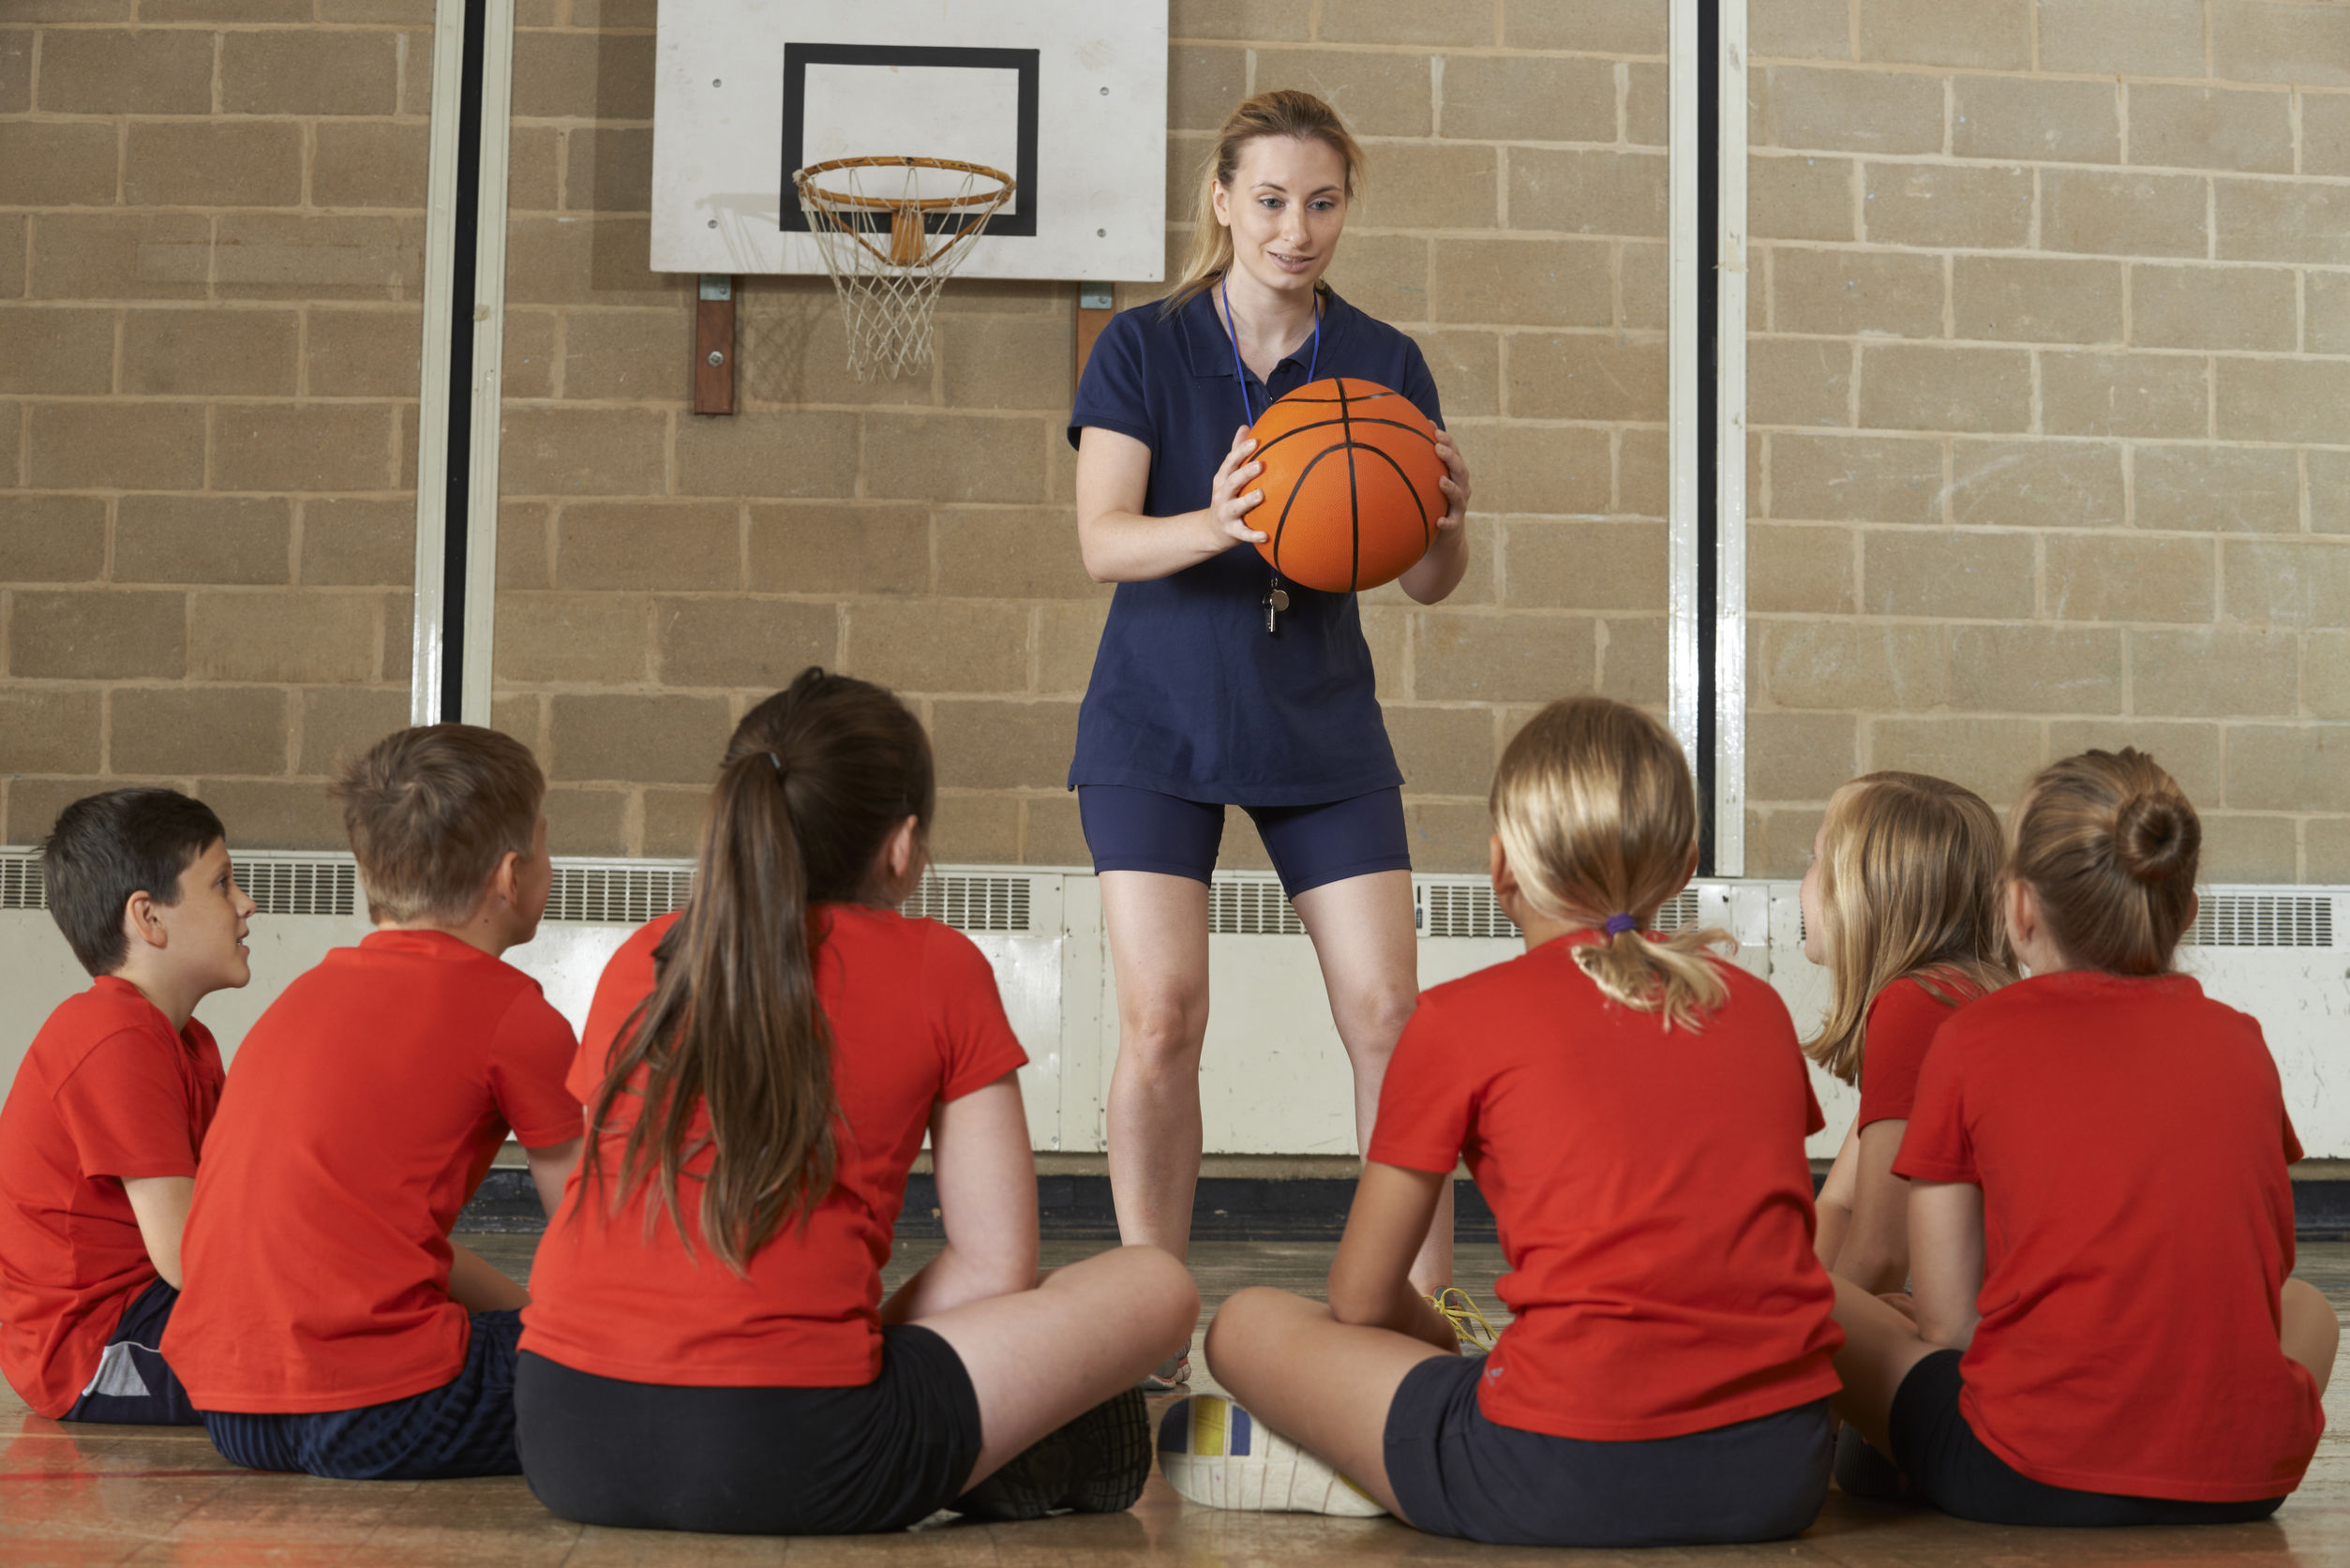 MANUALUL de sport le explică elevilor cum să stea încolonaţi, care sunt părţile corpului şi care ar trebui să fie poziţia corectă în bancă